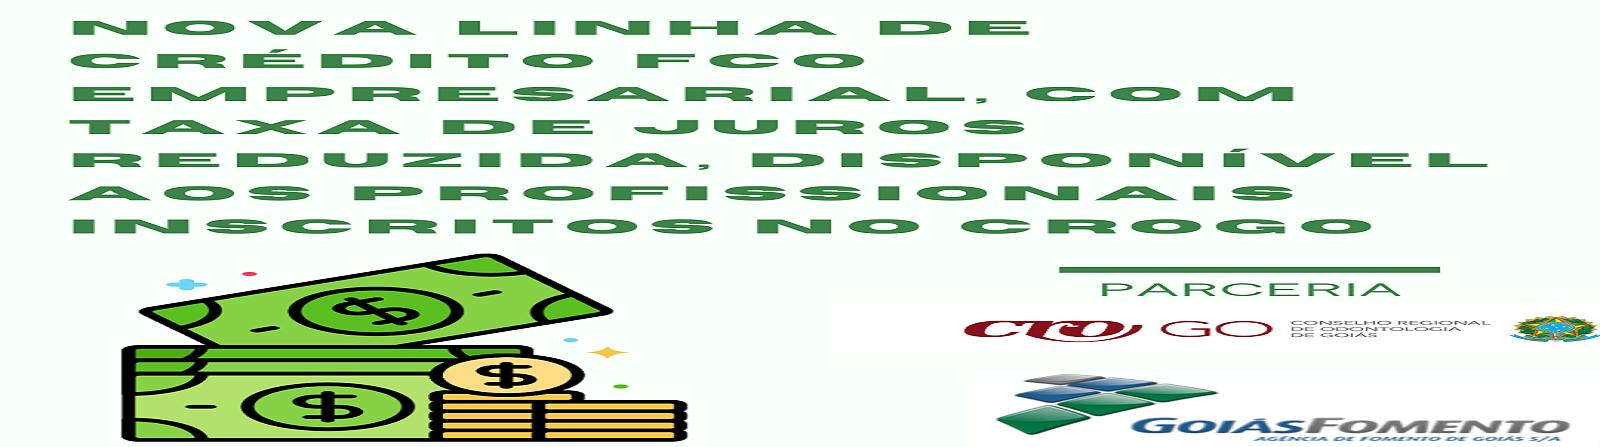 Nova_Linha_de_Crdito_GoisFomento_-_1600_x_447